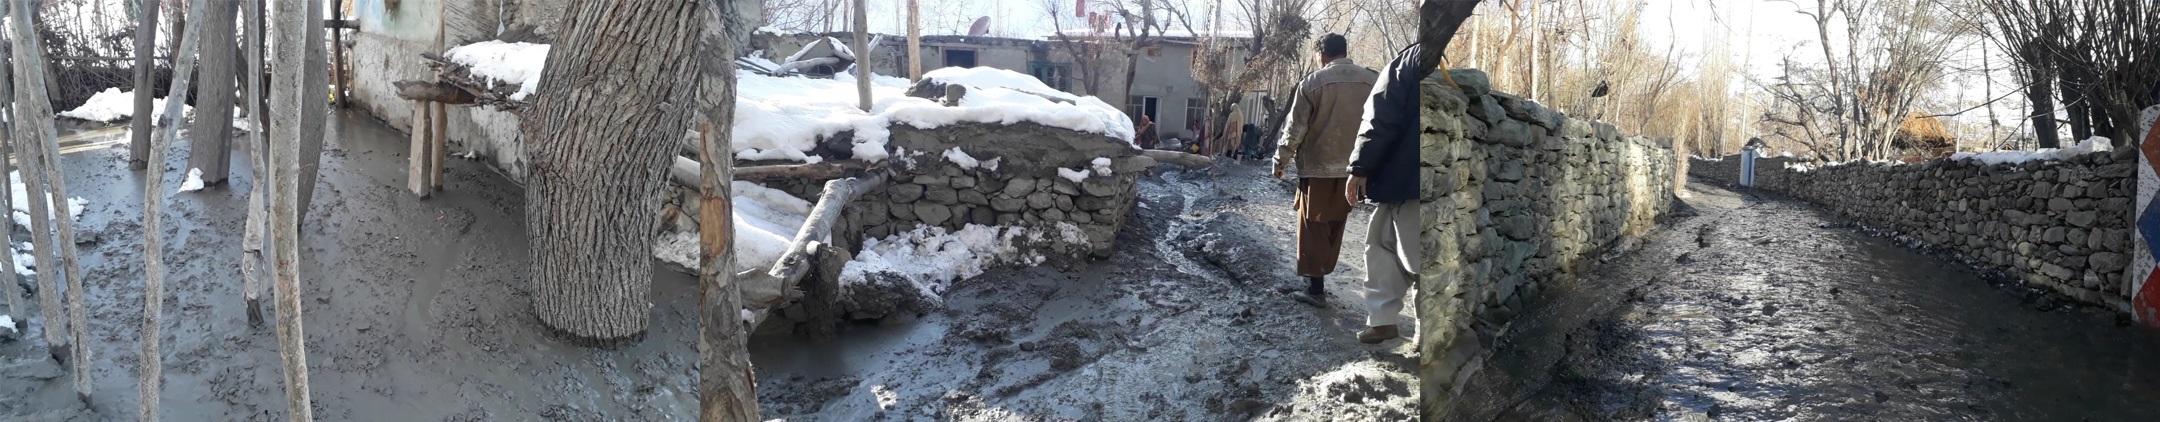 شدید برفباری کے بعد تیز دھوپ، شگر چھورکاہ کے گاوں میں سیلابی ریلہ داخل ہو گیا، علاقے میں شدید خوف و ہراس